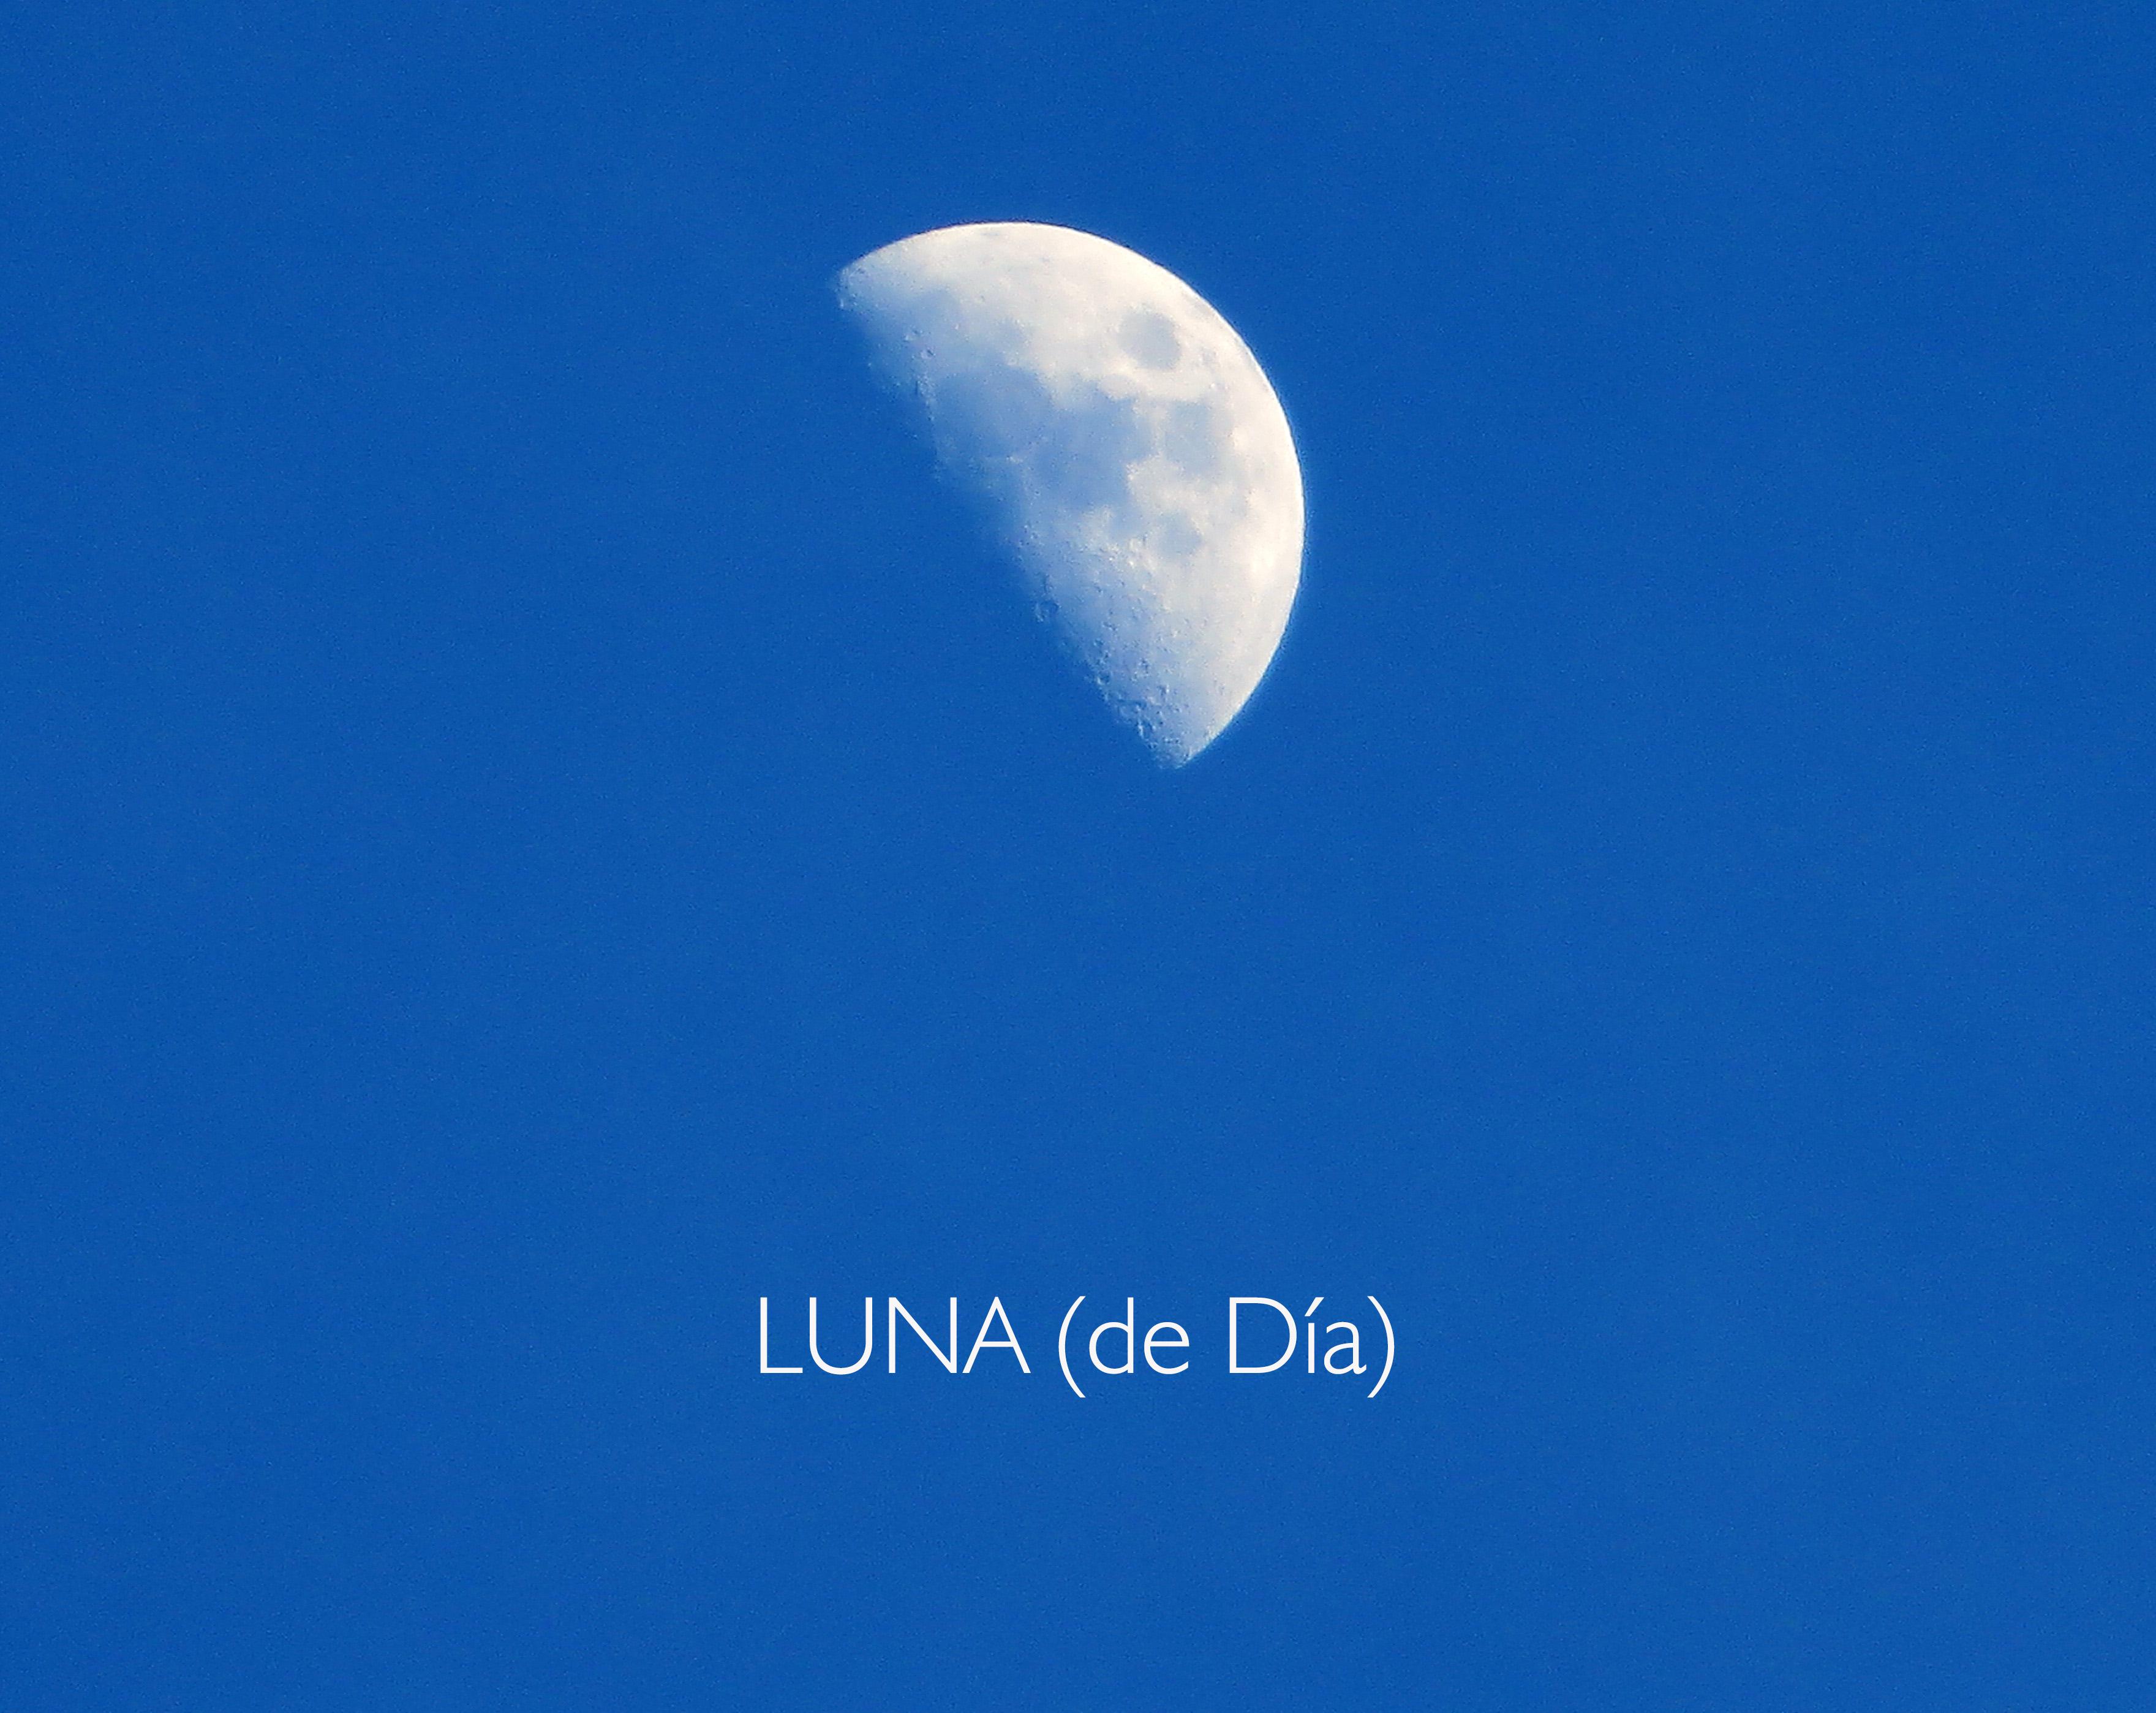 lunadia